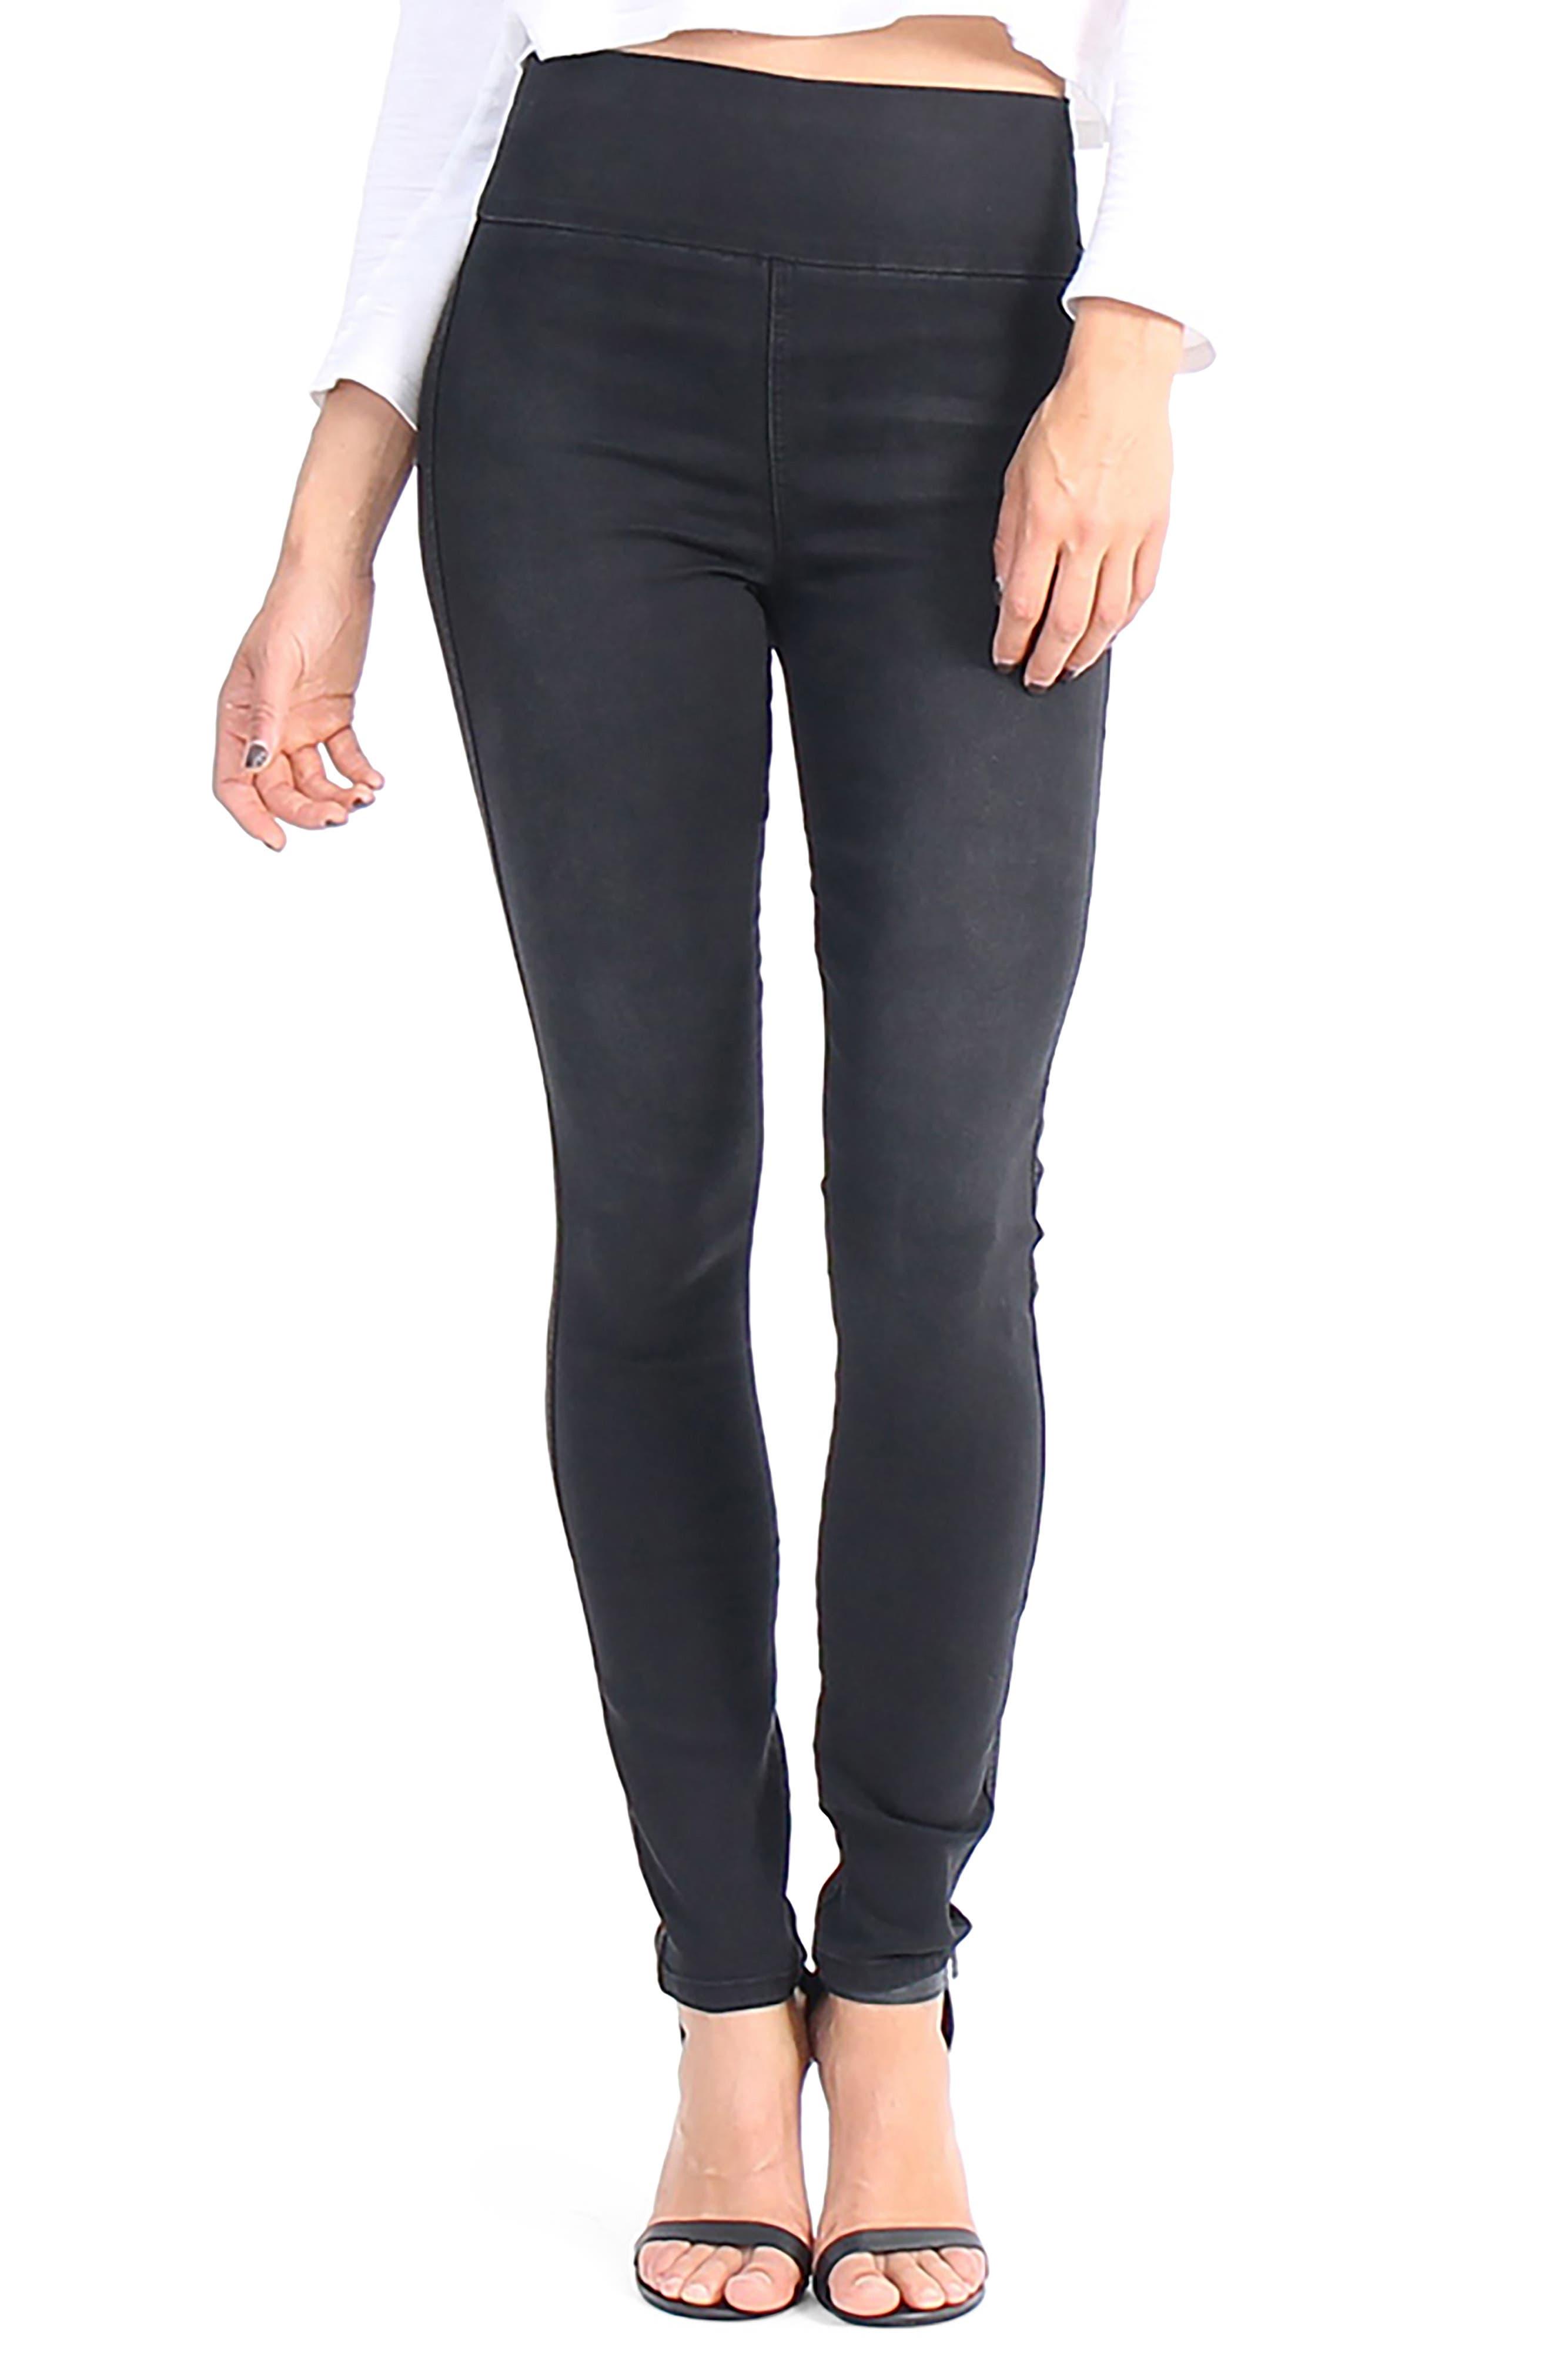 Main Image - Level 99 Devon Pull On Skinny Jeans (Dazed)